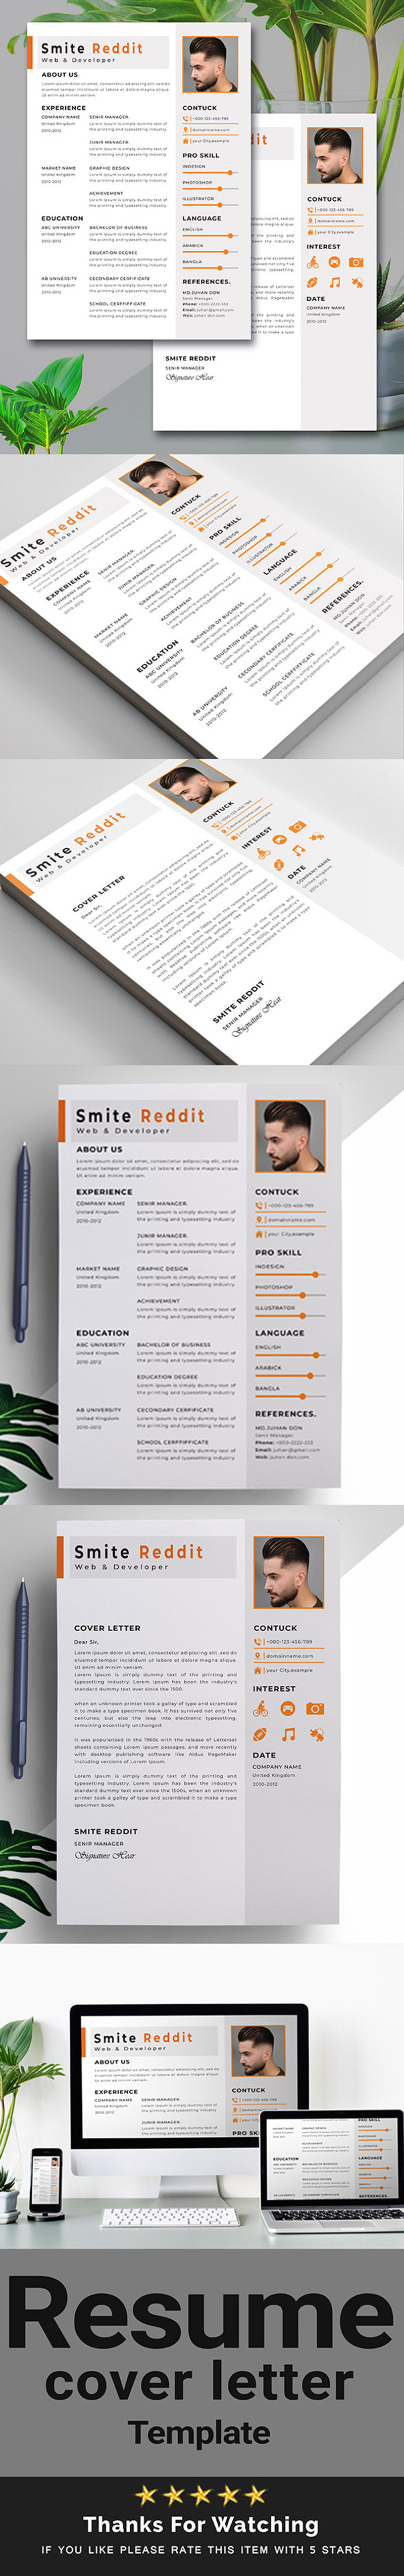 Smite Reddit Resume Template 99629